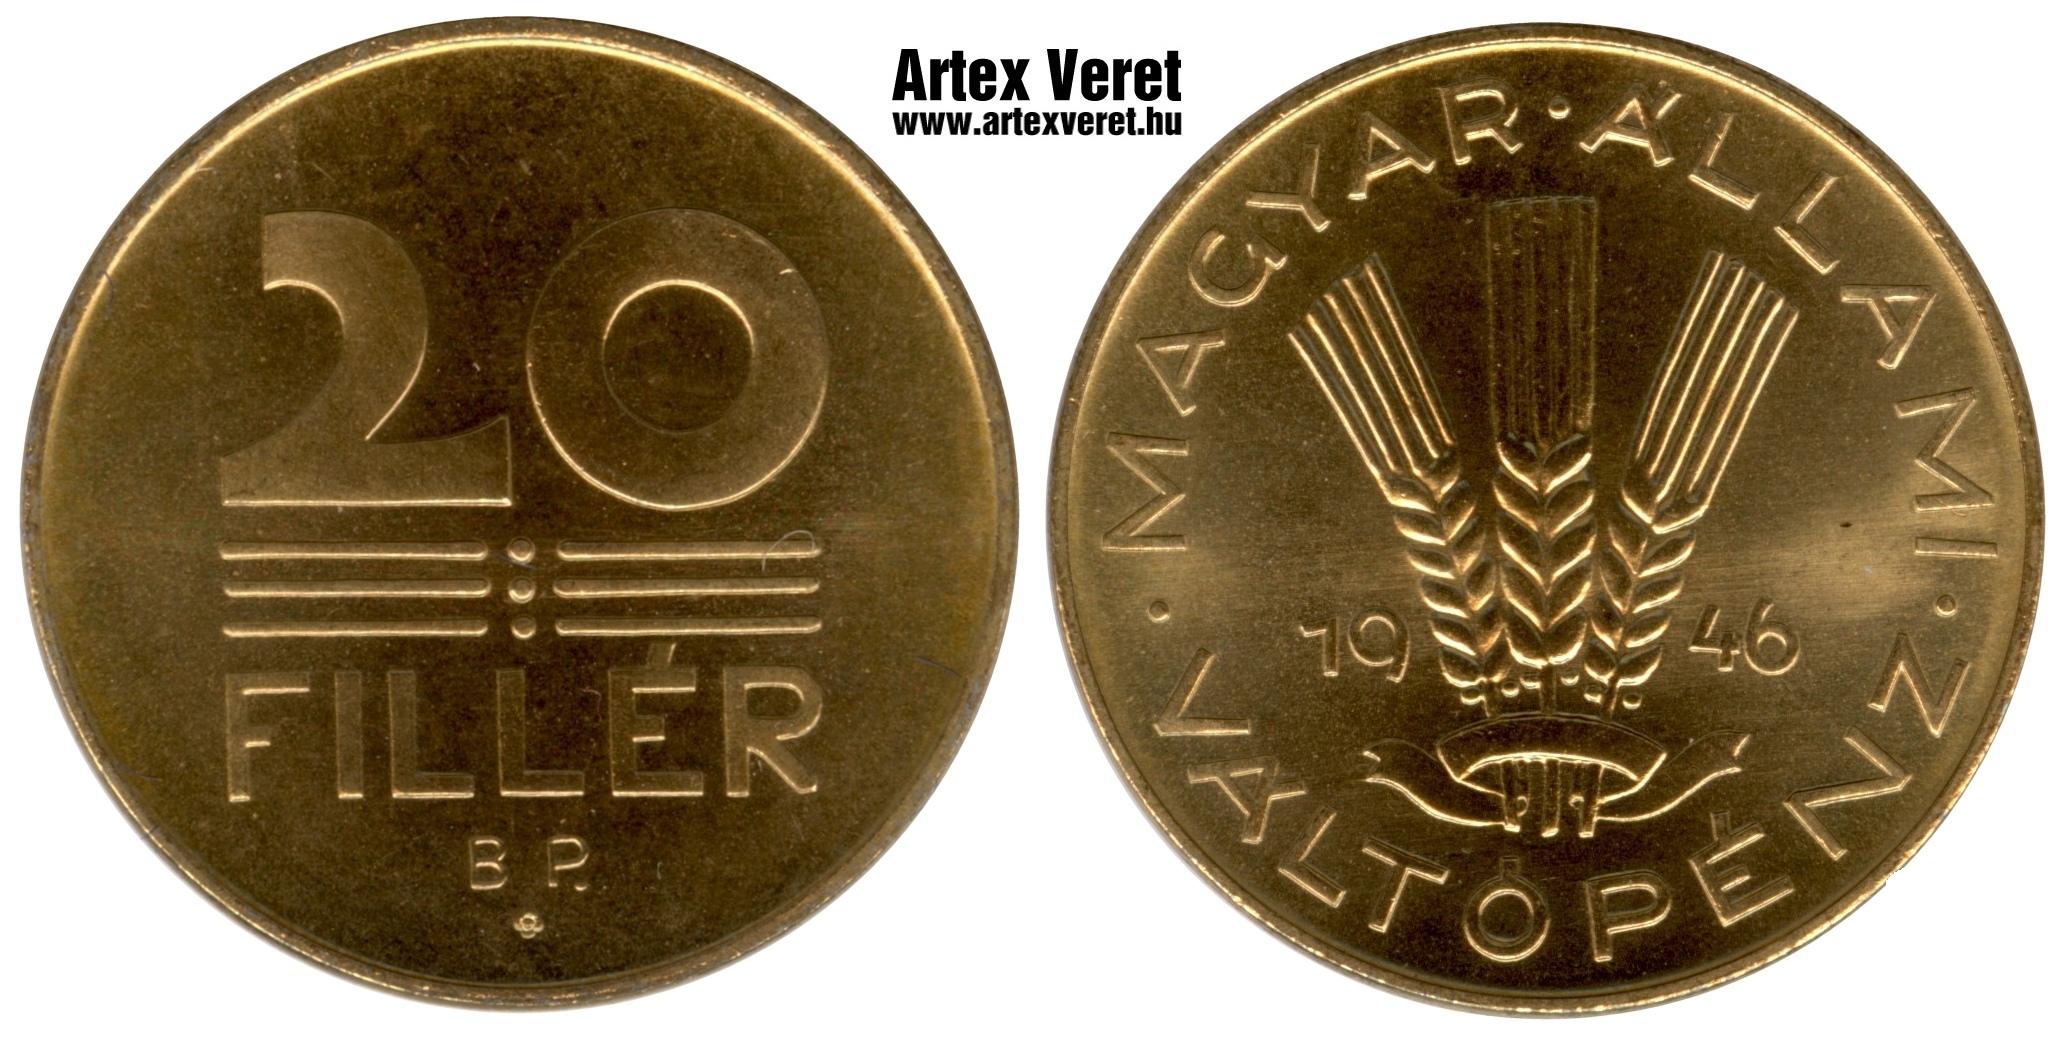 http://www.artexveret.hu/forint-artex-utanveret/www_artexveret_hu_rozettas_1946_20_filler_artex-utanveret.jpg